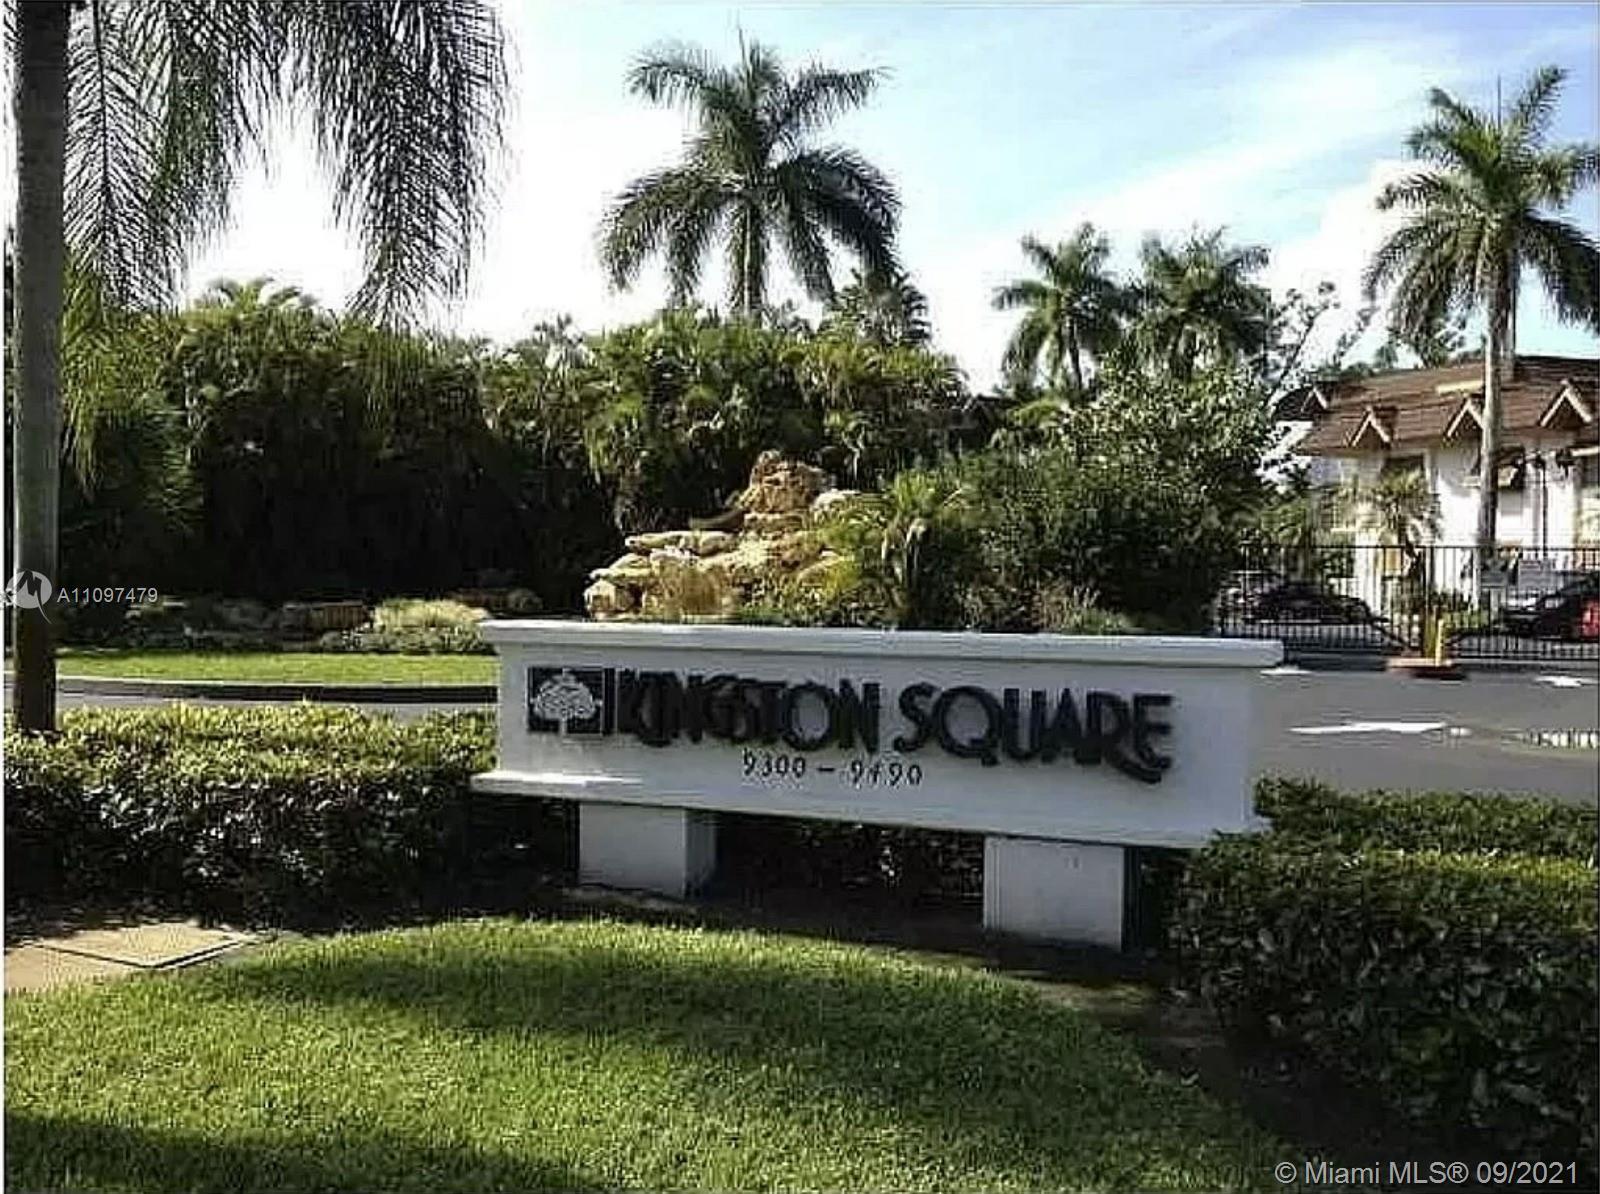 KINGSTON SQUARE CONDO Condo,For Sale,KINGSTON SQUARE CONDO Brickell,realty,broker,condos near me